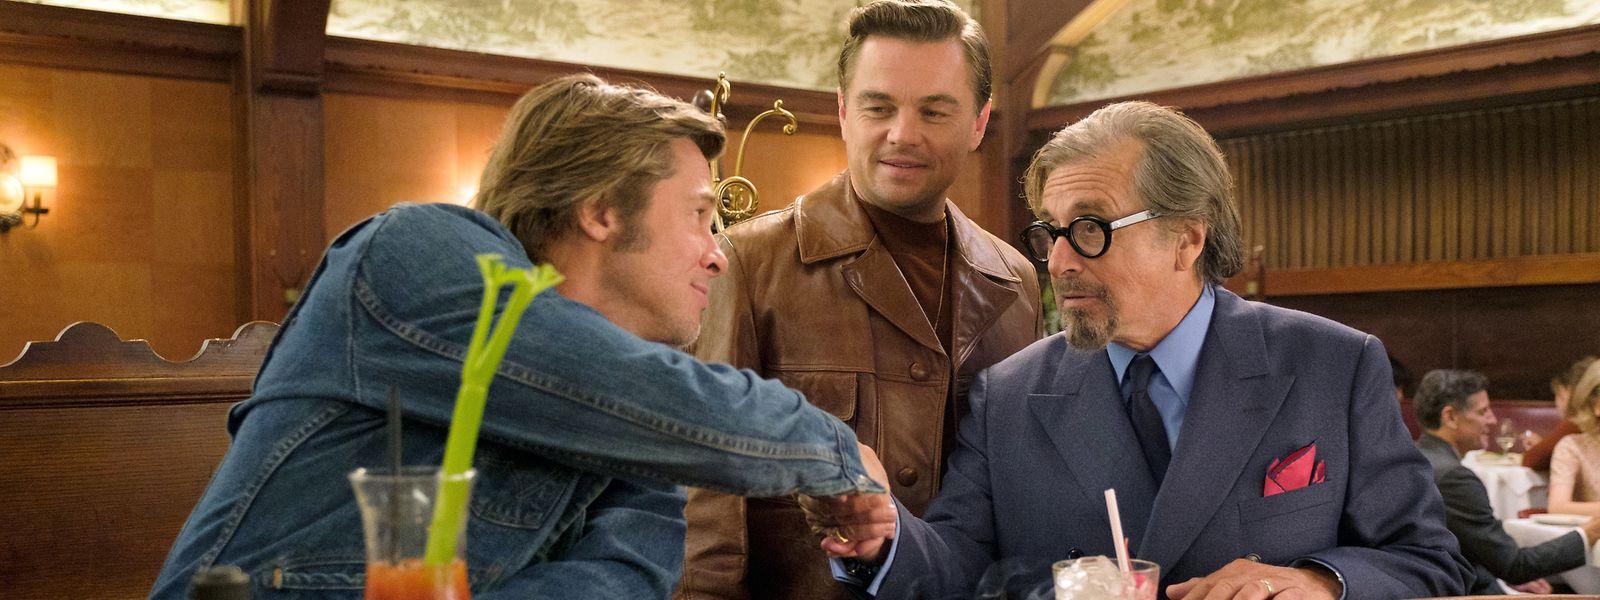 Brad Pitt, Leonardo DiCaprio et Al Pacino sont à l'affiche de «Once Upon A Time In... Hollywood».